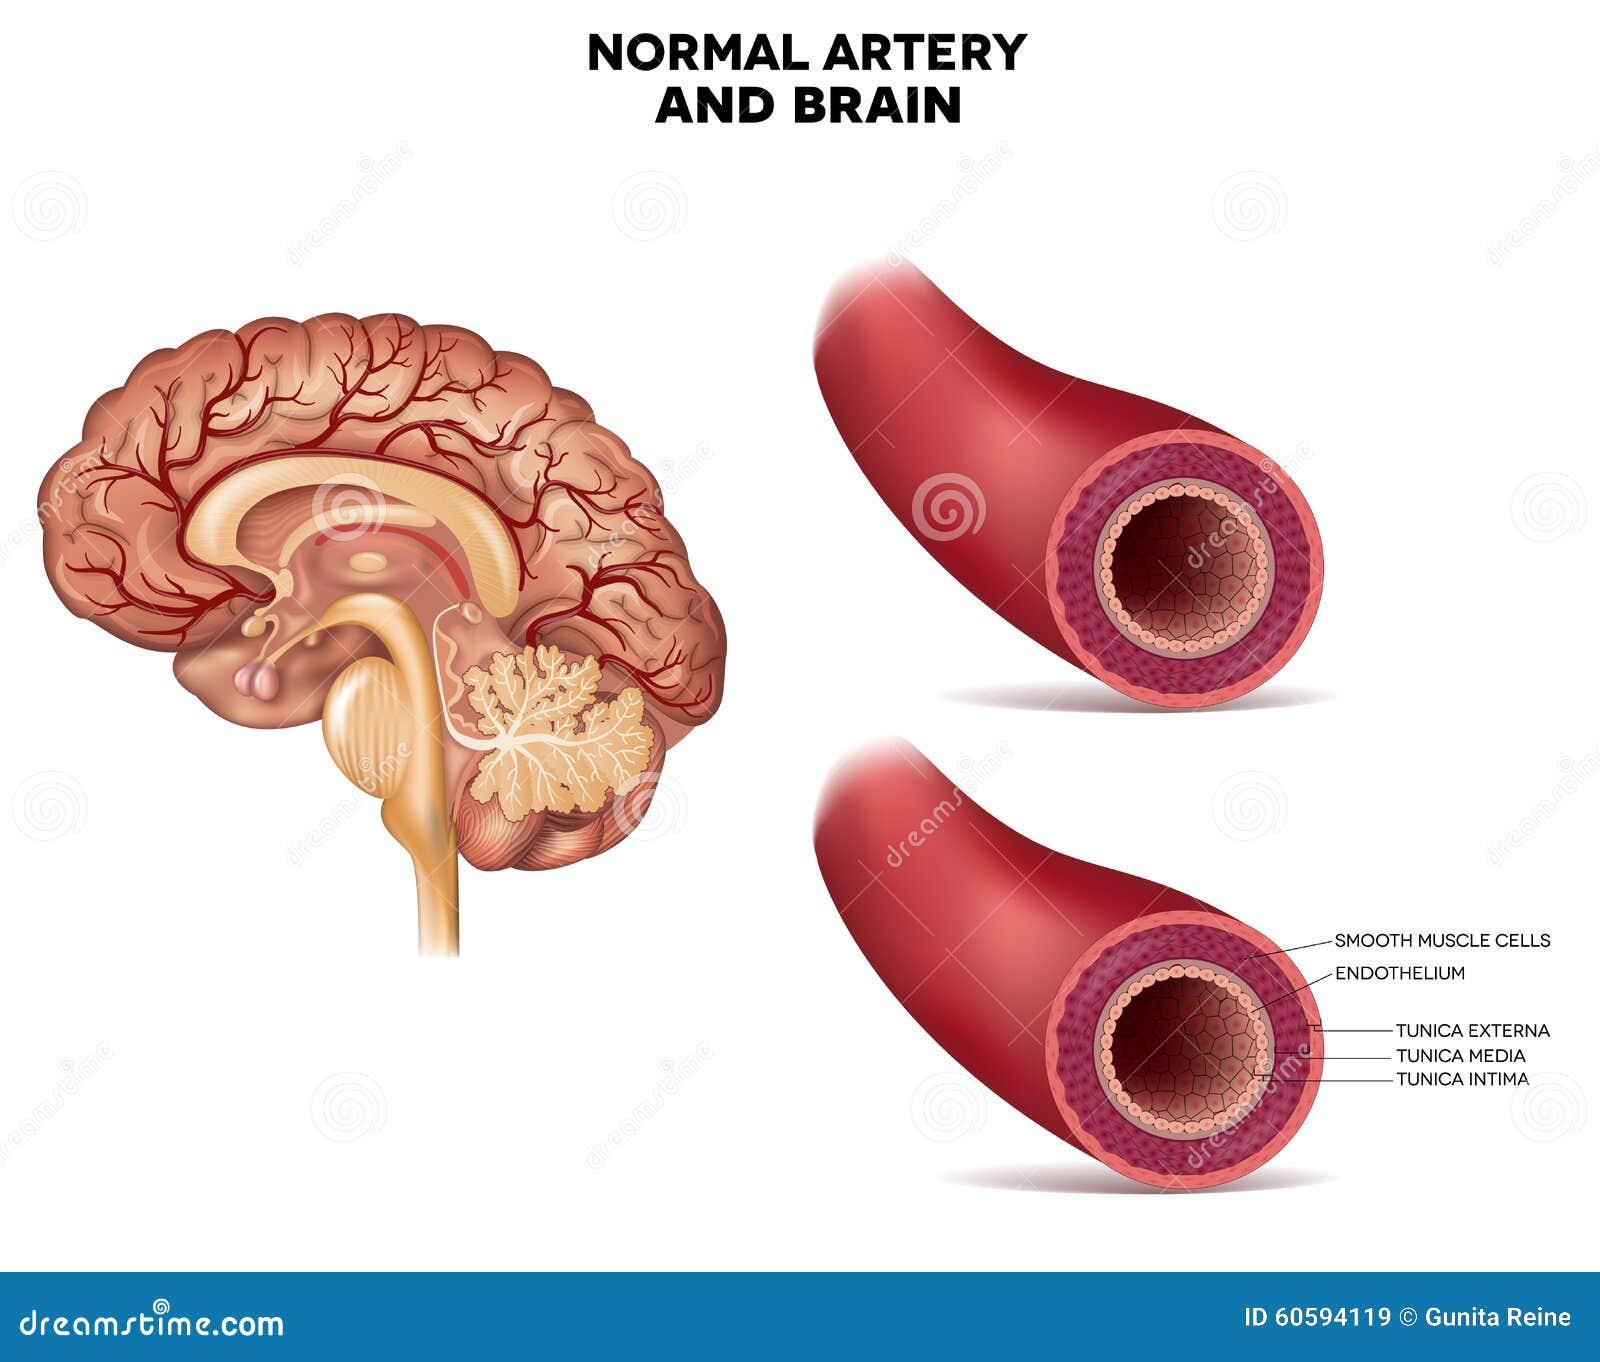 Normale Arterienstruktur Und -gehirn Vektor Abbildung - Illustration ...